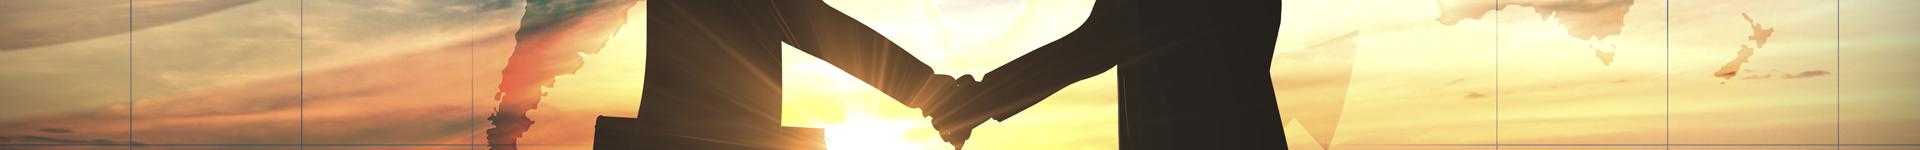 partner-worden-pagebanner-alcadis